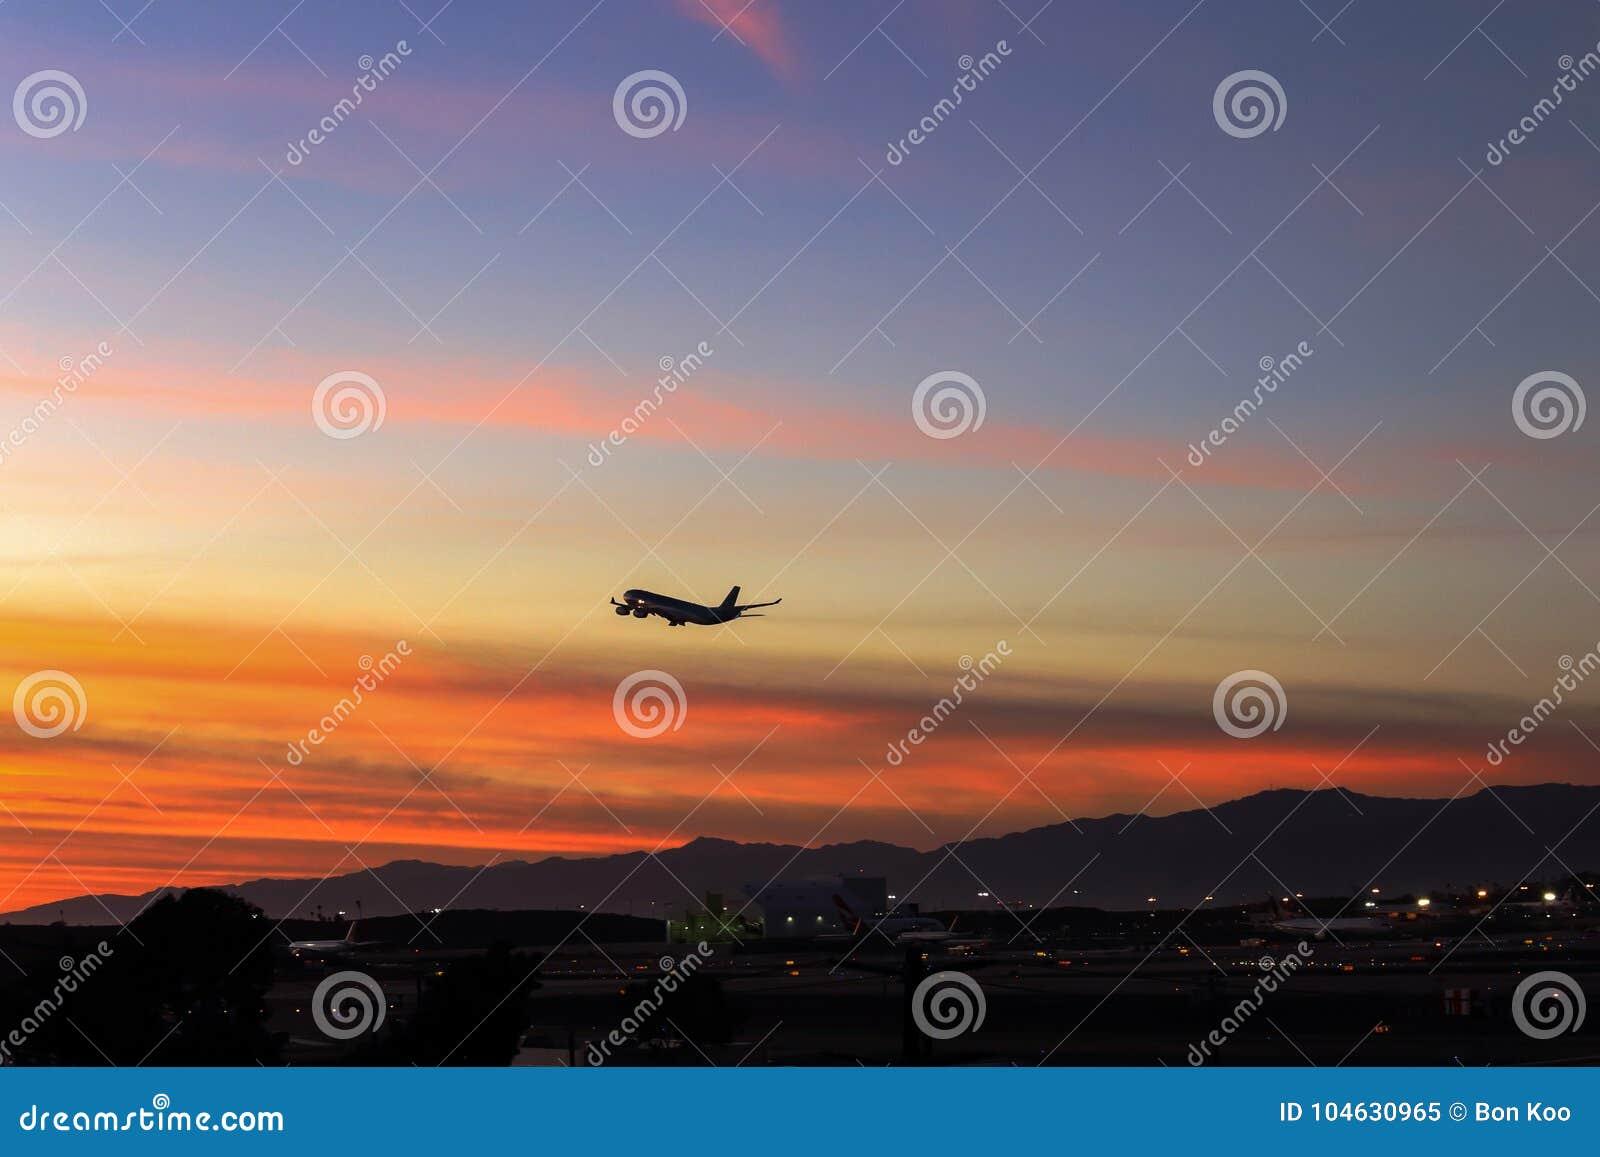 Download Het Verlaten Van Californië In Schemering Redactionele Afbeelding - Afbeelding bestaande uit straal, vliegtuigen: 104630965